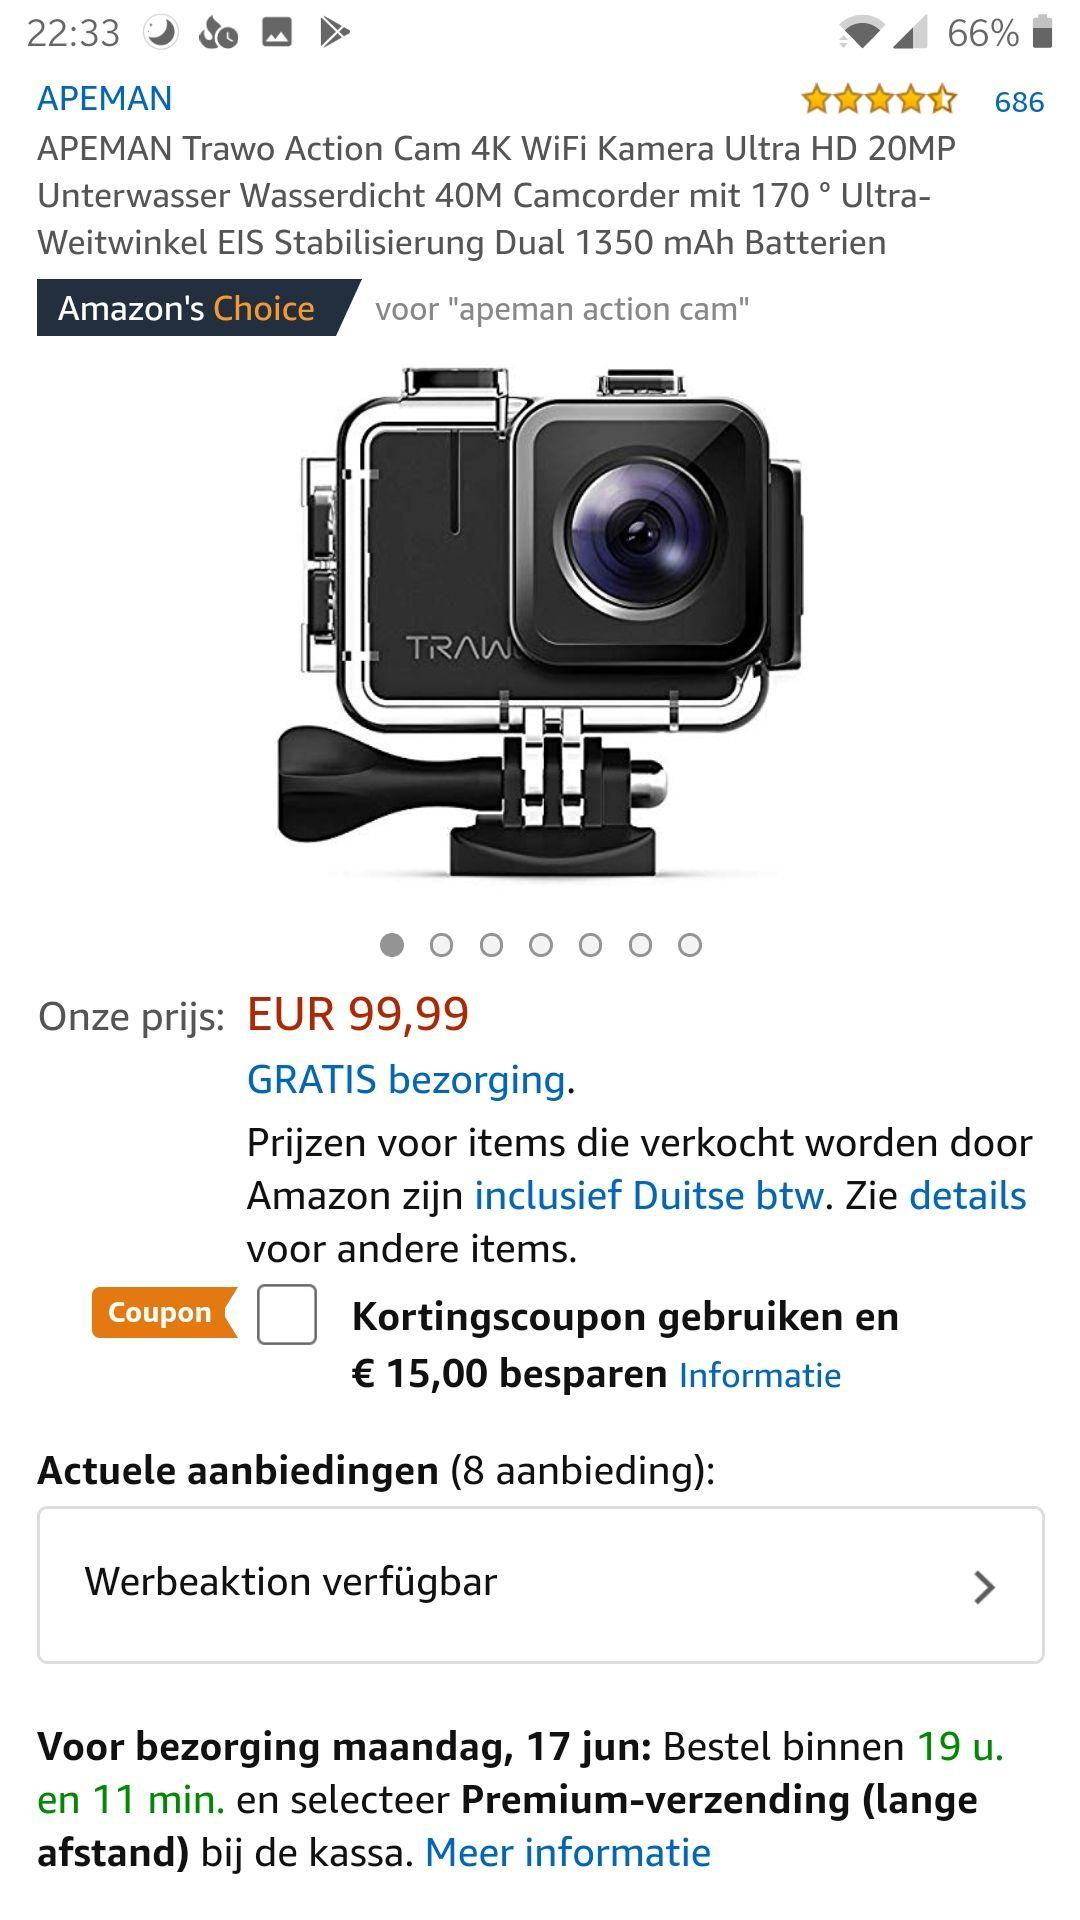 Amazon: APEMAN Trawo Actioncam 4k ultra HD ##door toepassing van coupon kost hij € 85 ipv 99